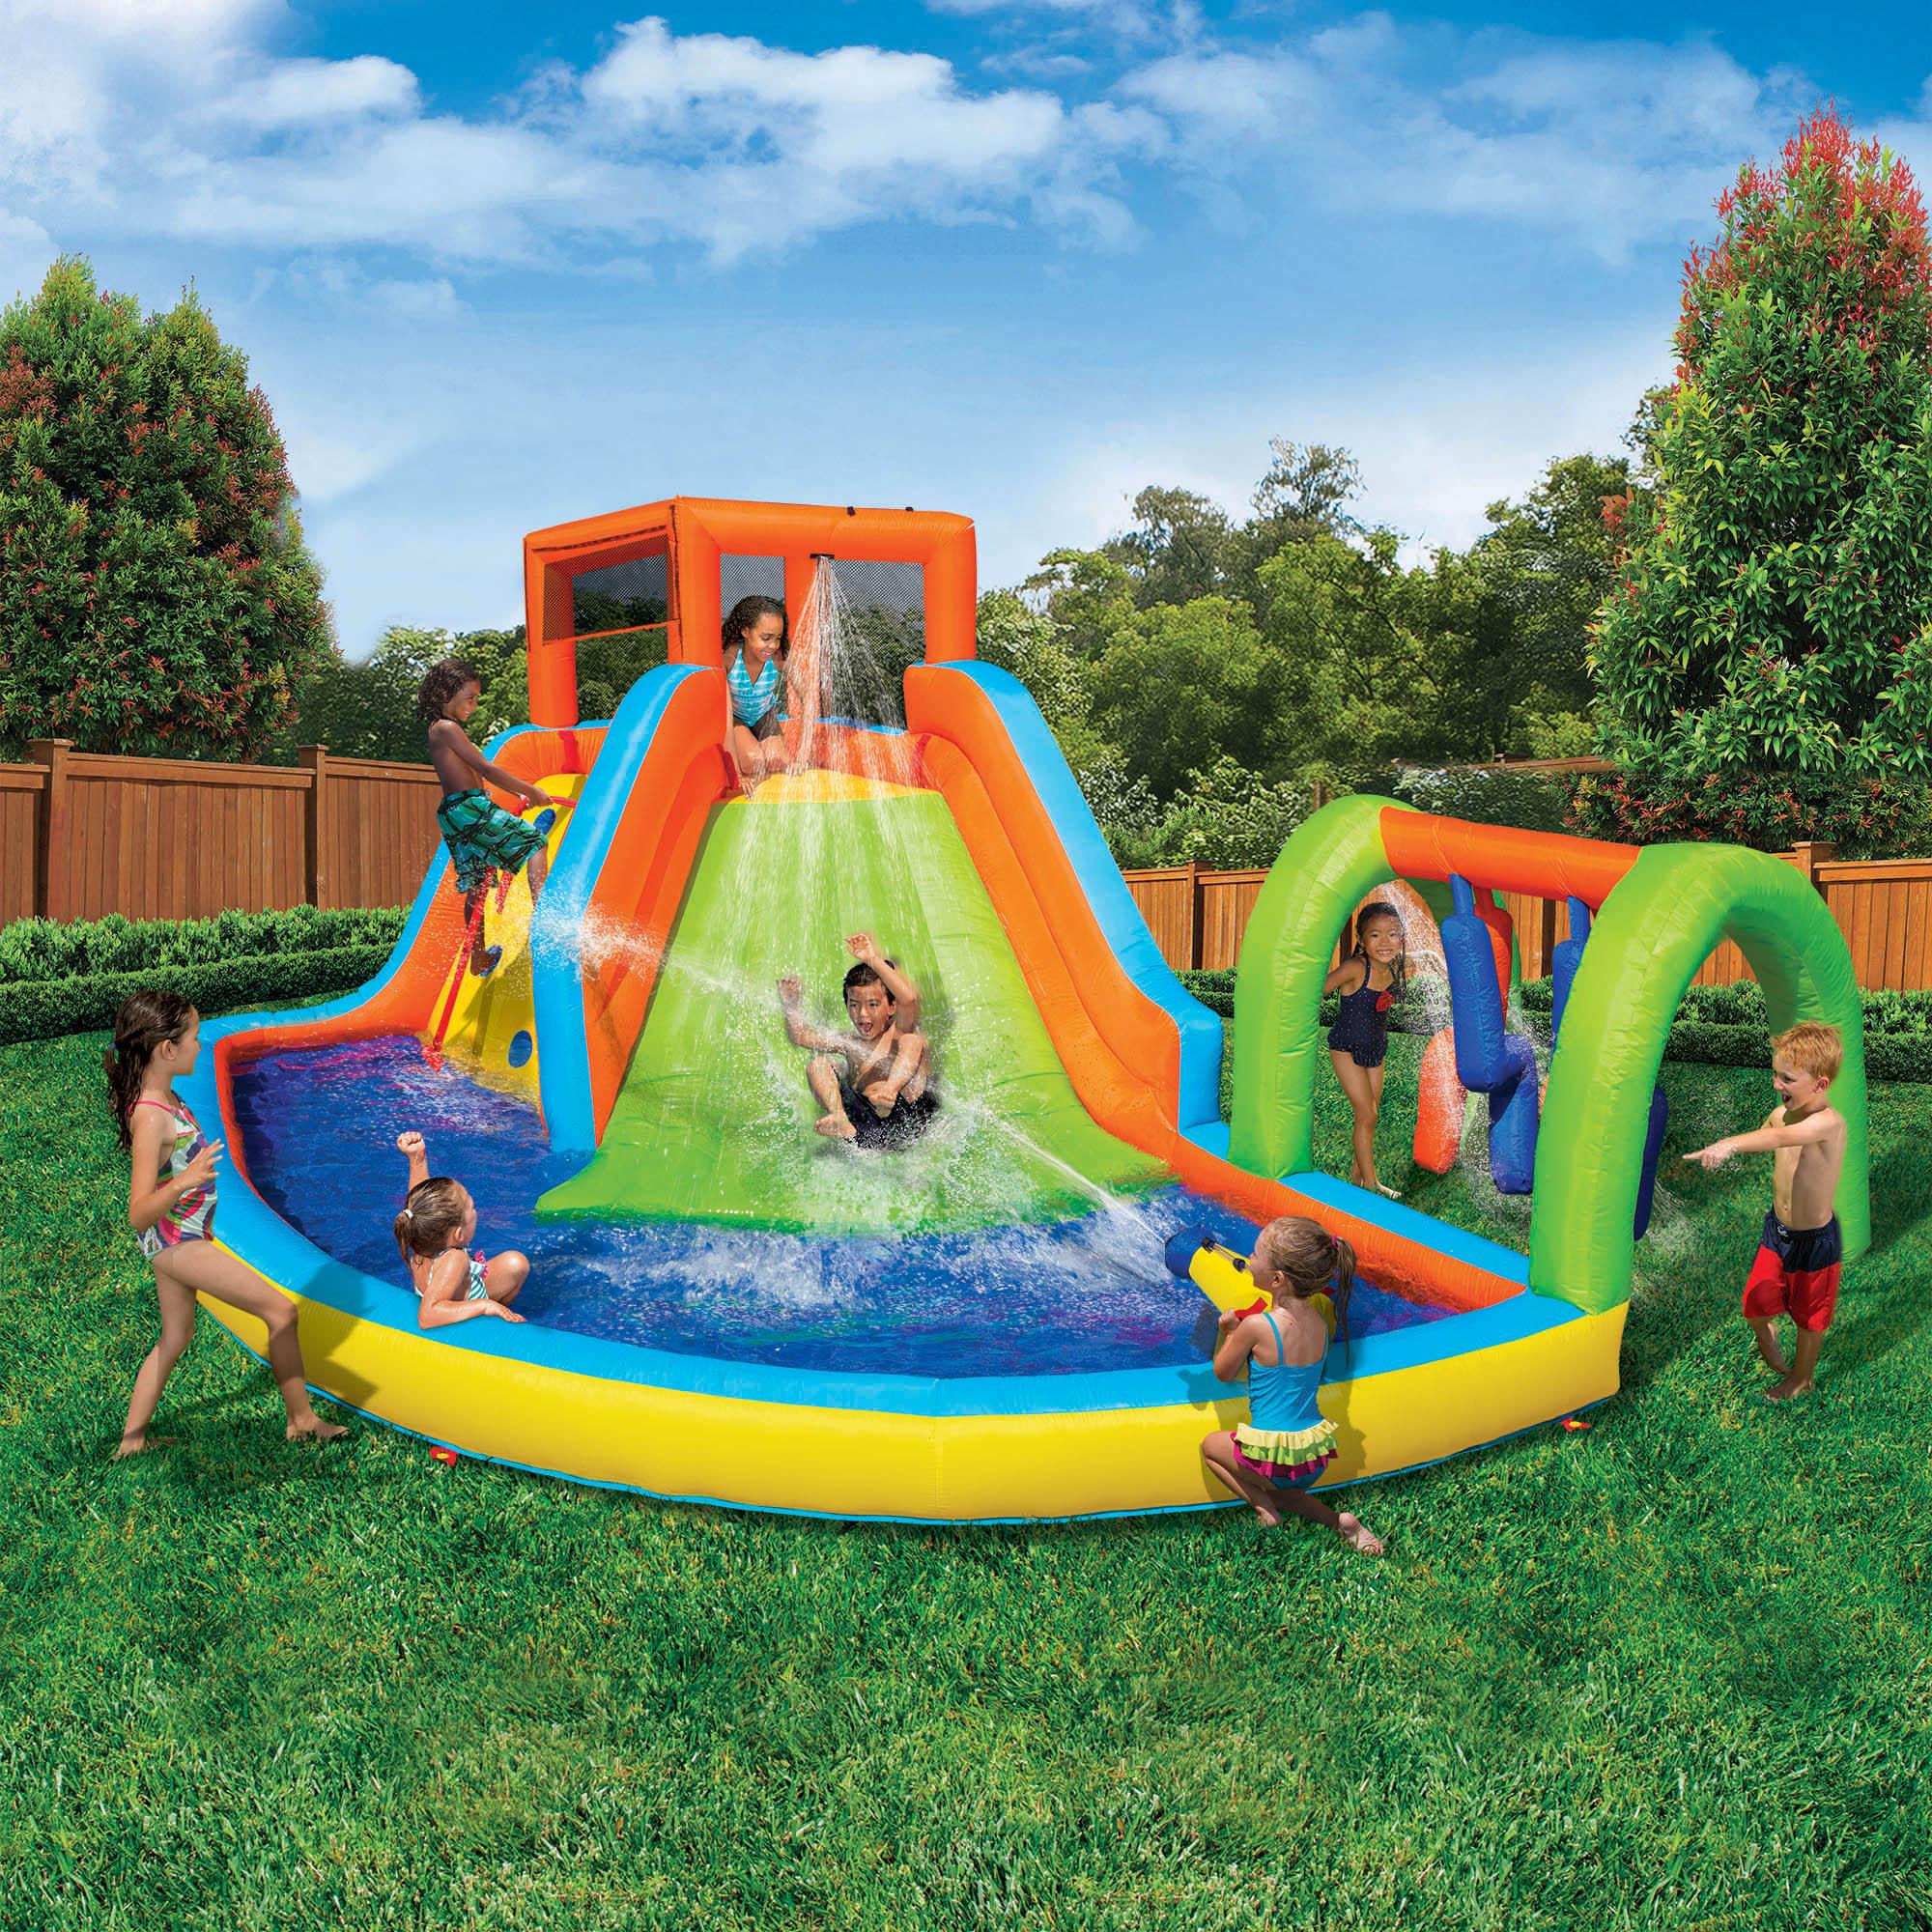 Inflatable Everest Slide: Banzai Inflatable Summit Splash Adventure Splash Pool